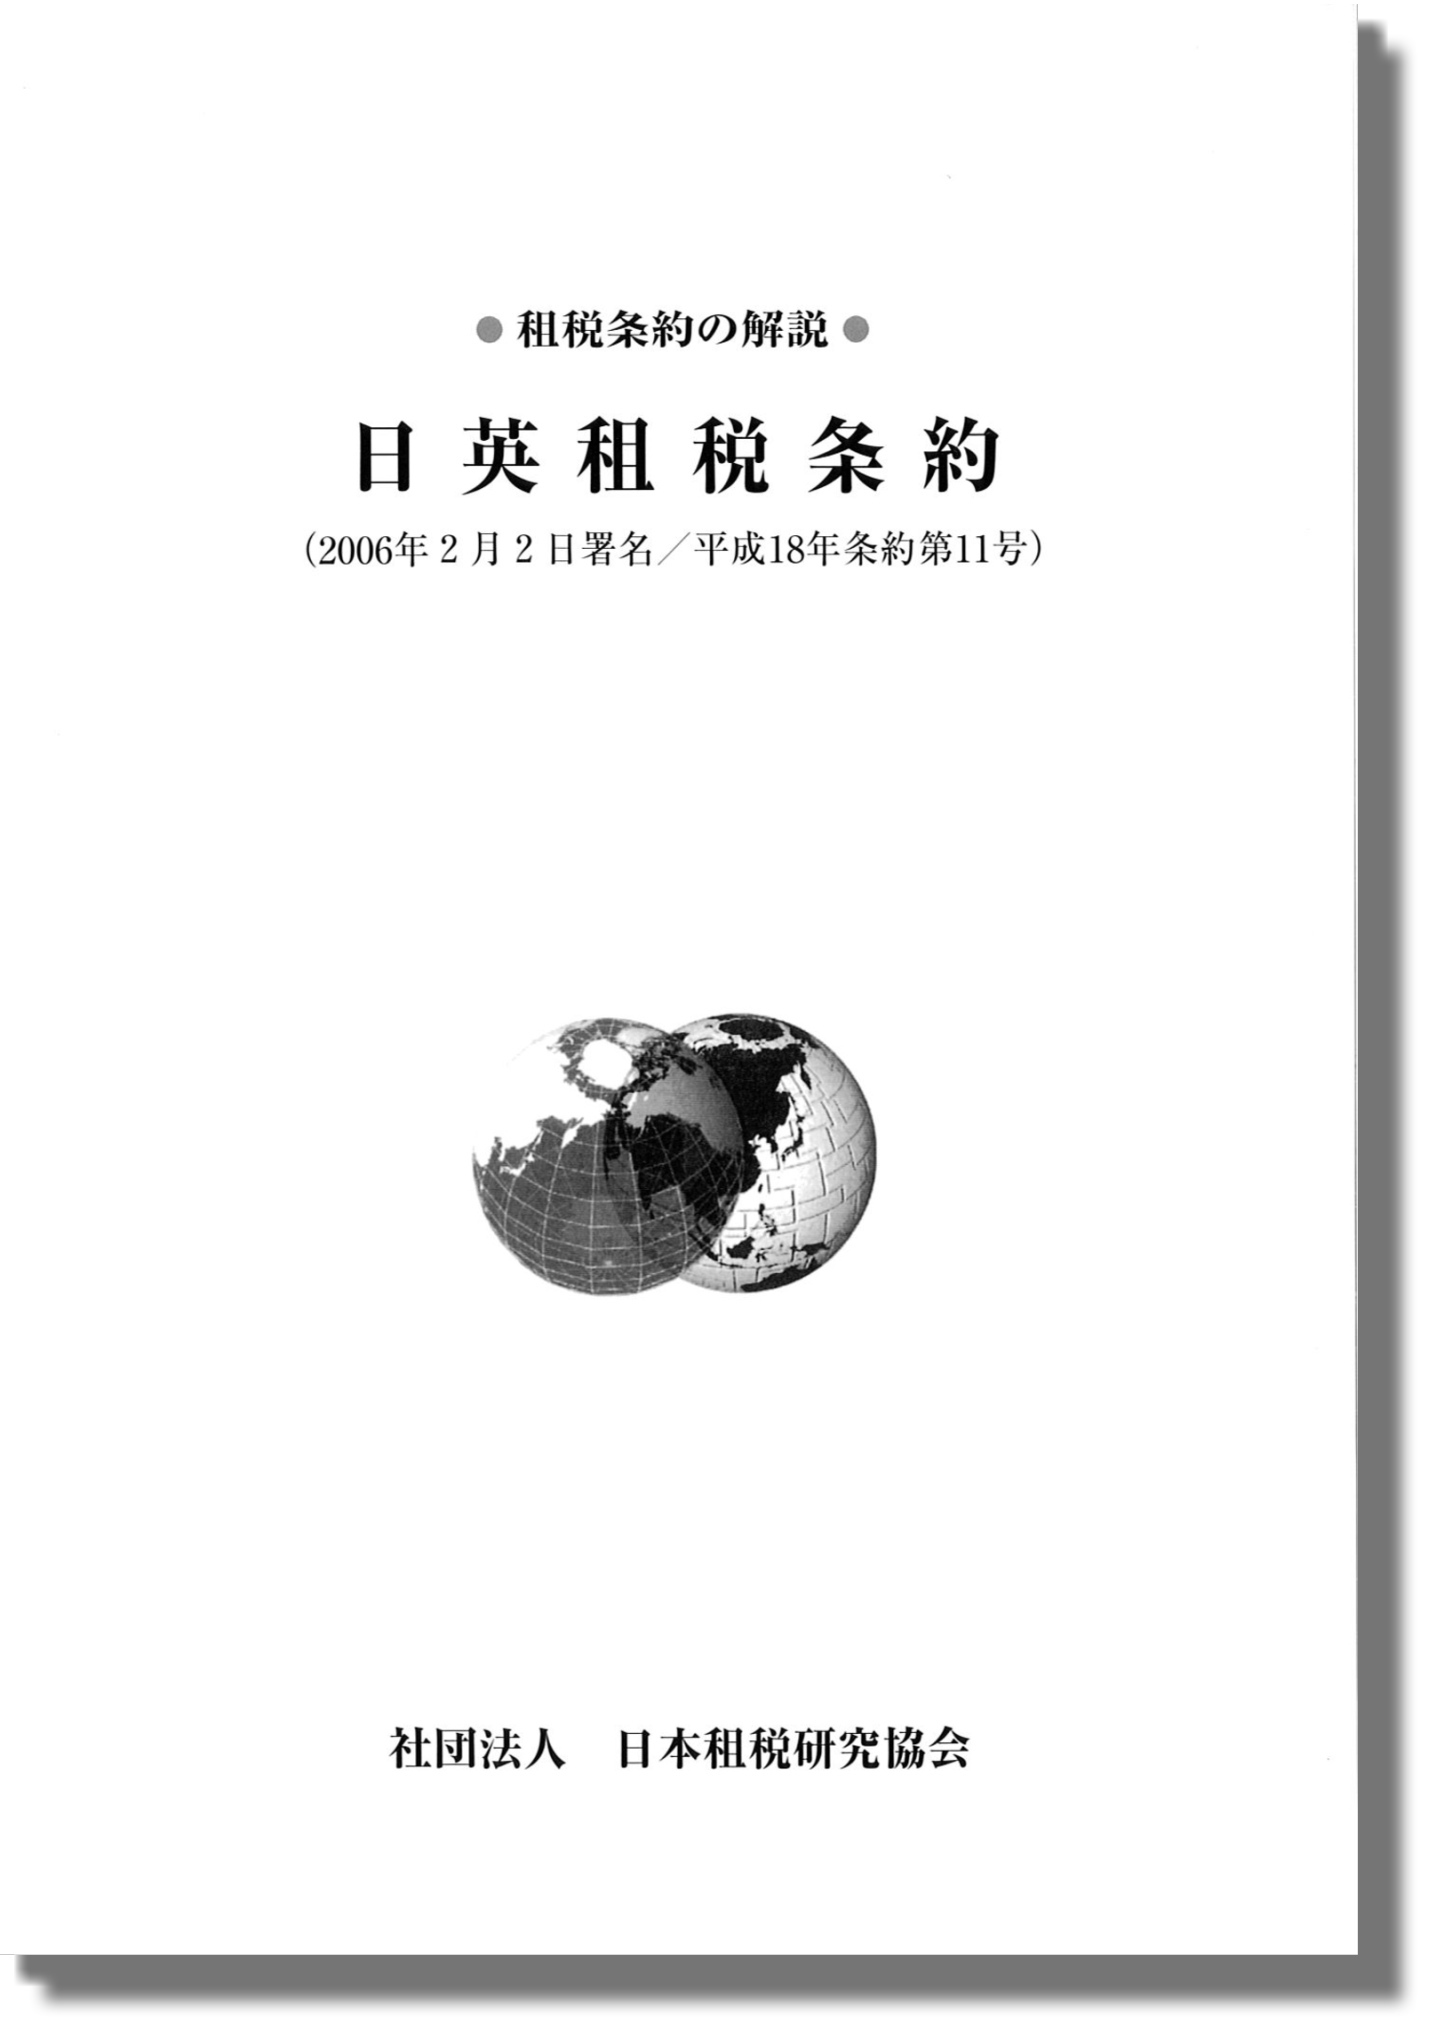 租税条約の解説 -日英租税条約 (2006年2月2日署名/平成18年条約第11号)